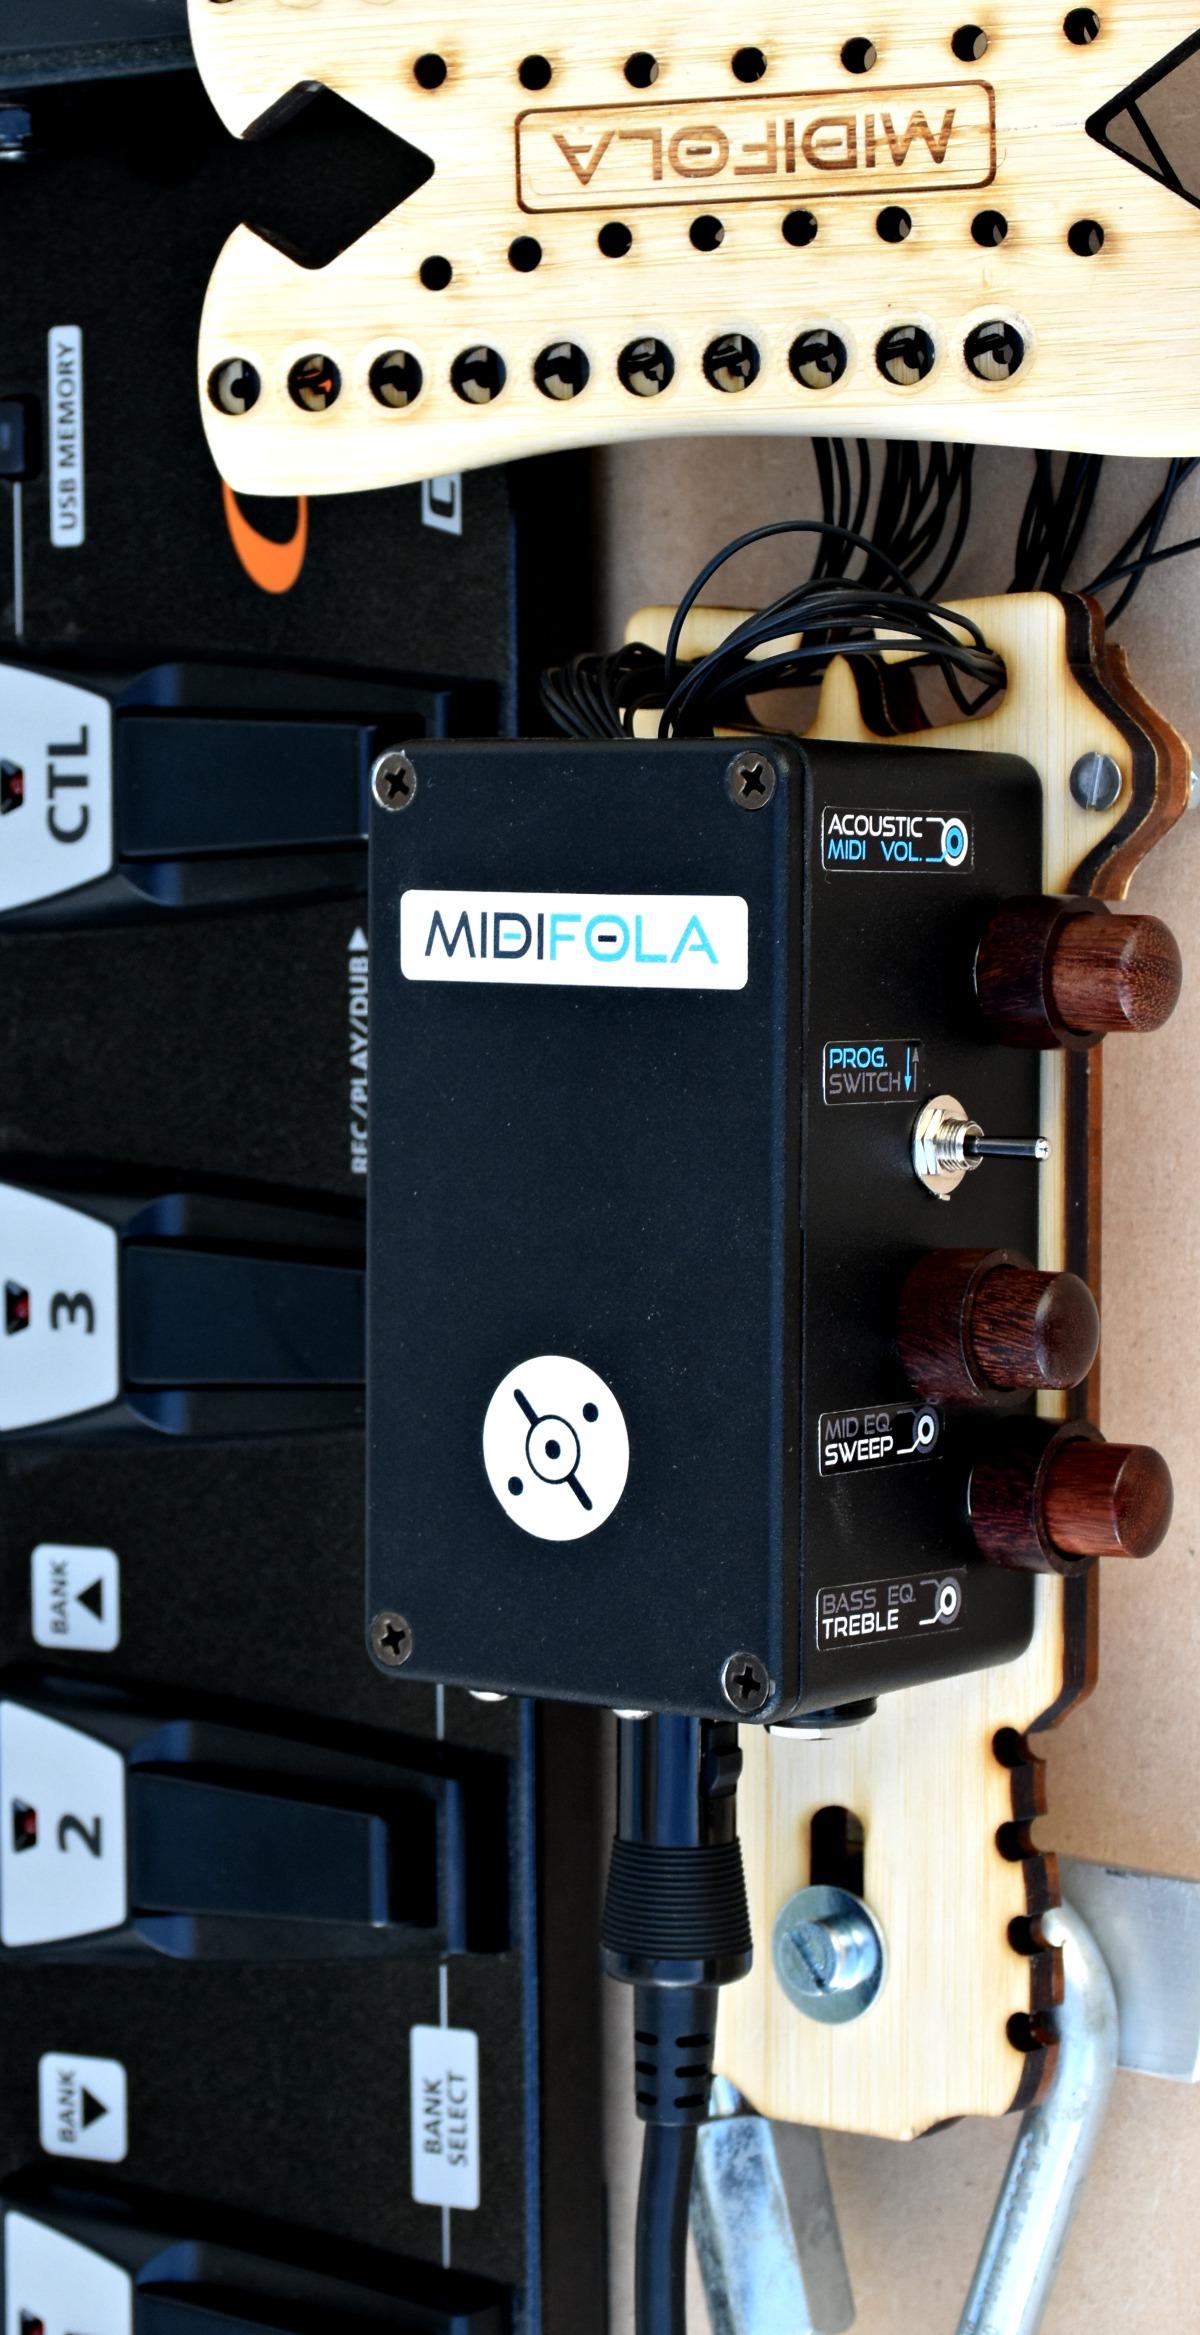 le système midifola transforme votre instrument en controleur midi électroacoustique.